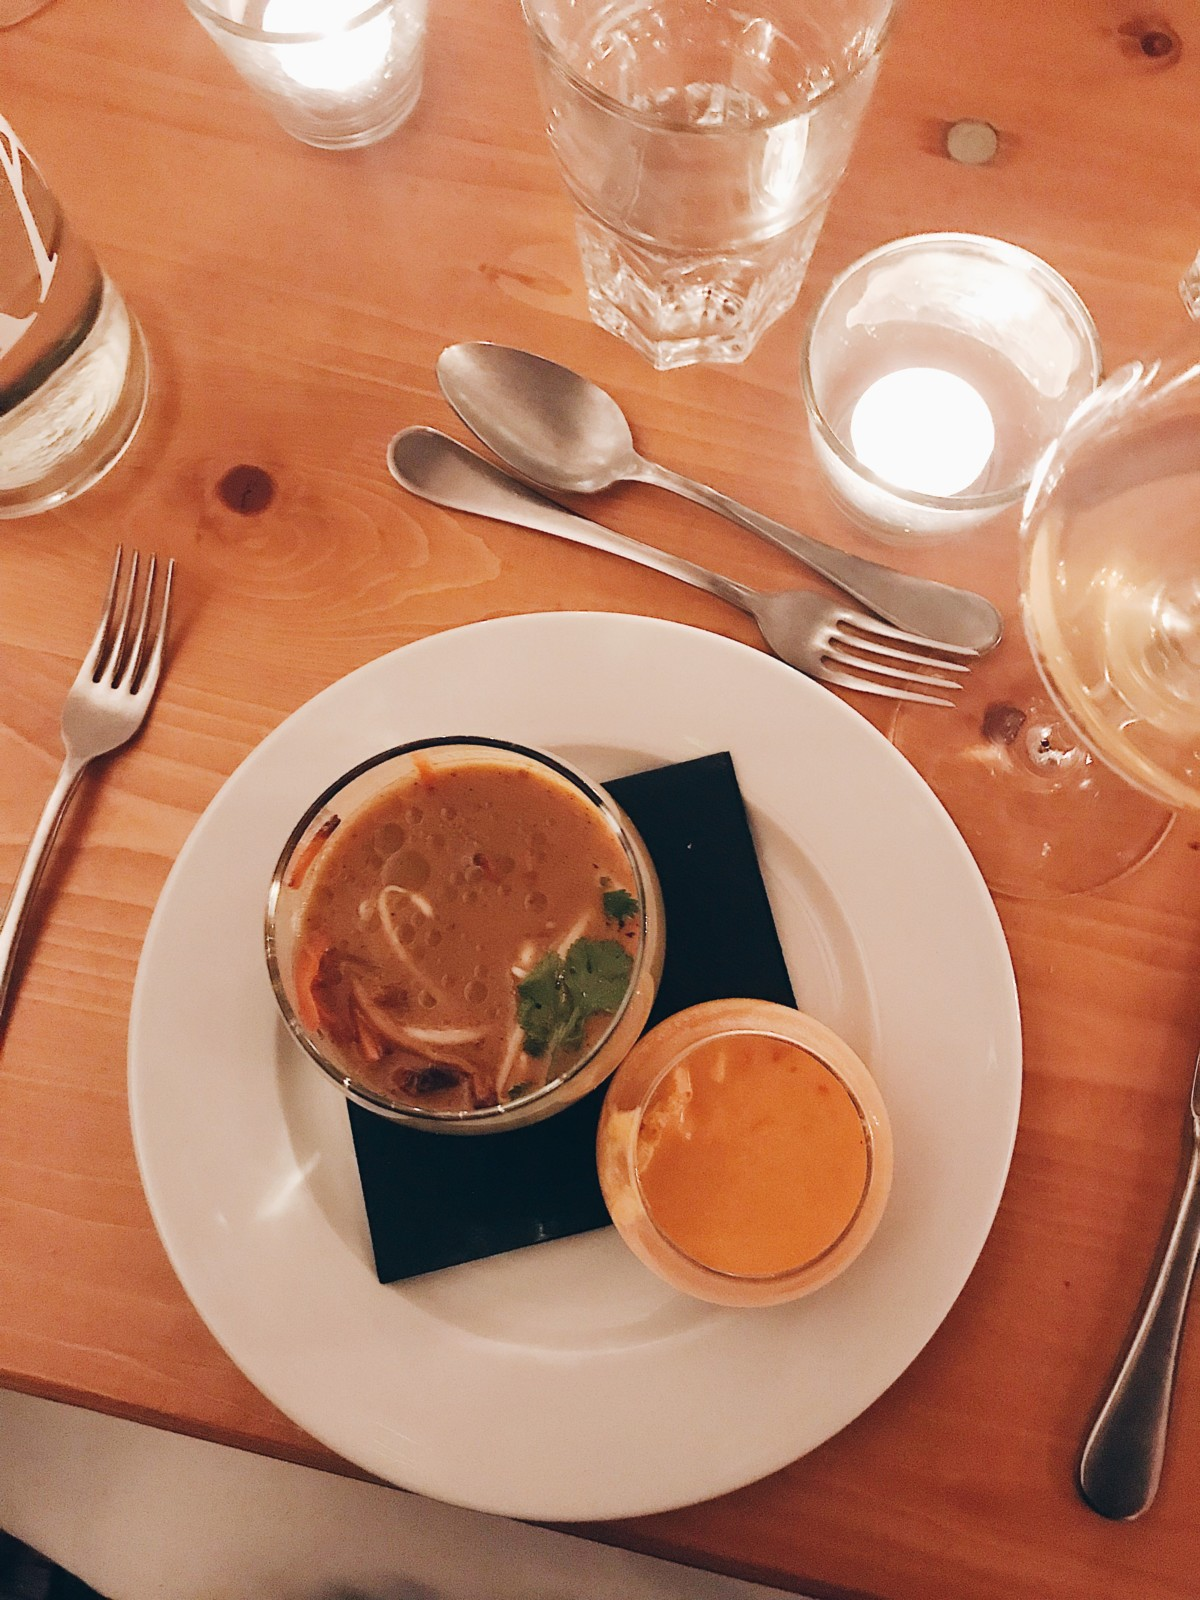 lauren-wildbolz-vegan-vegandinner-dinner-abendessen-plantbaseddinner-suppe